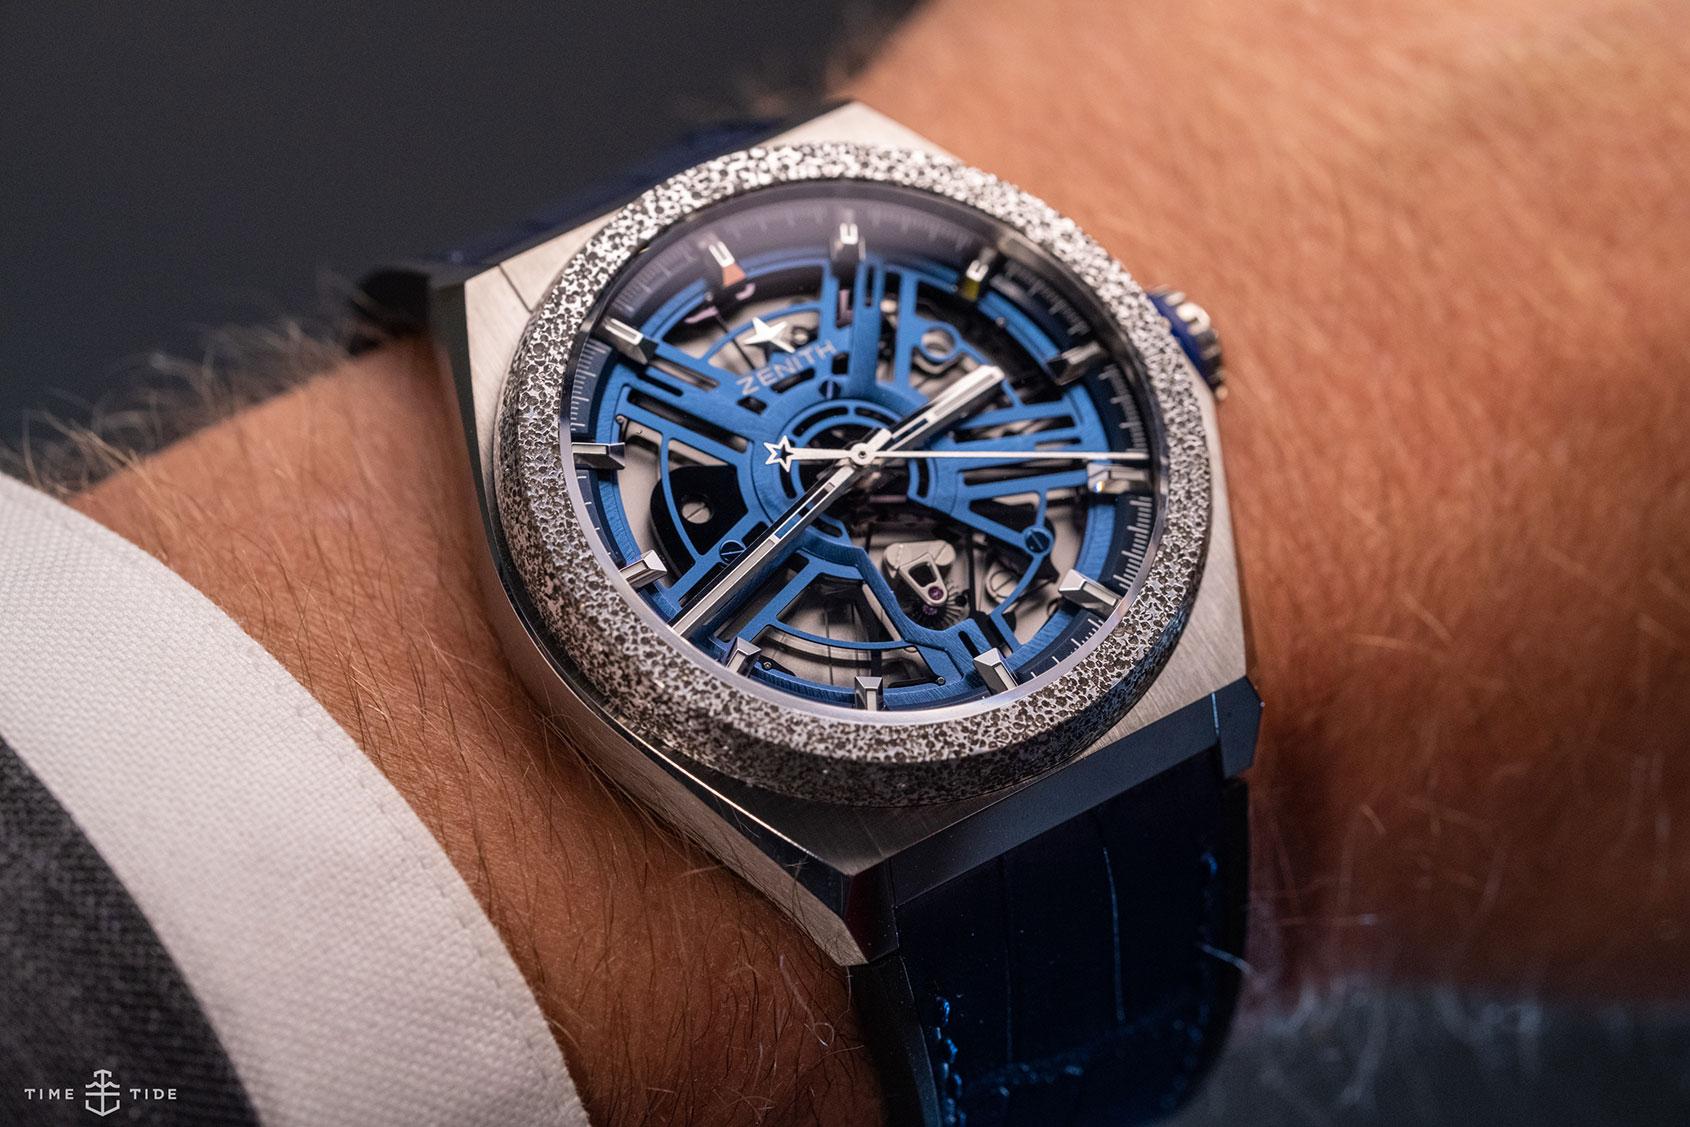 Zenith watch releases 2019